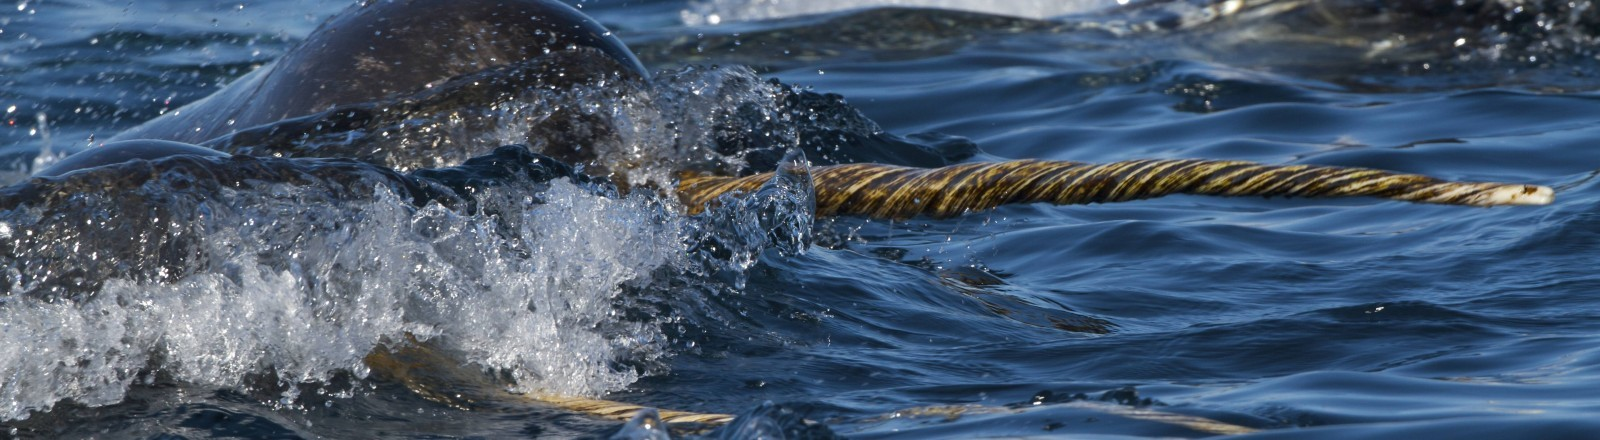 Ein Narwal kommt mit seinem Horn aus dem Wasser